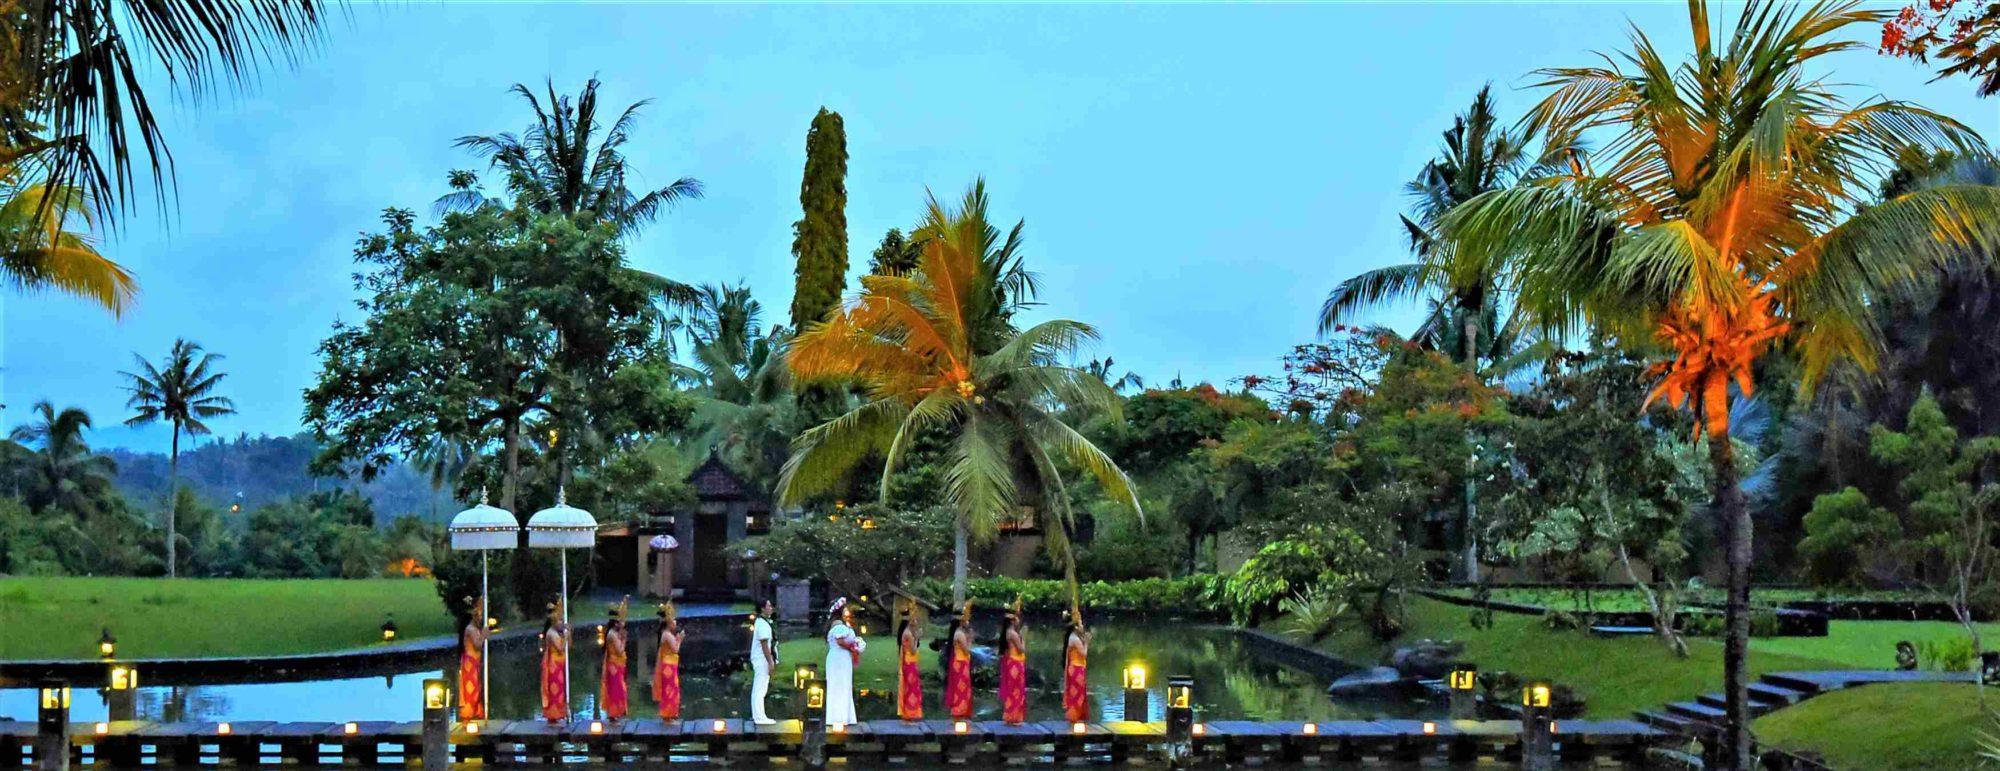 The Chedi Club Tanah Gajah Ubud Bali<br /> ザ・チェディ・クラブ・タナガジャ・ウブド・バリ